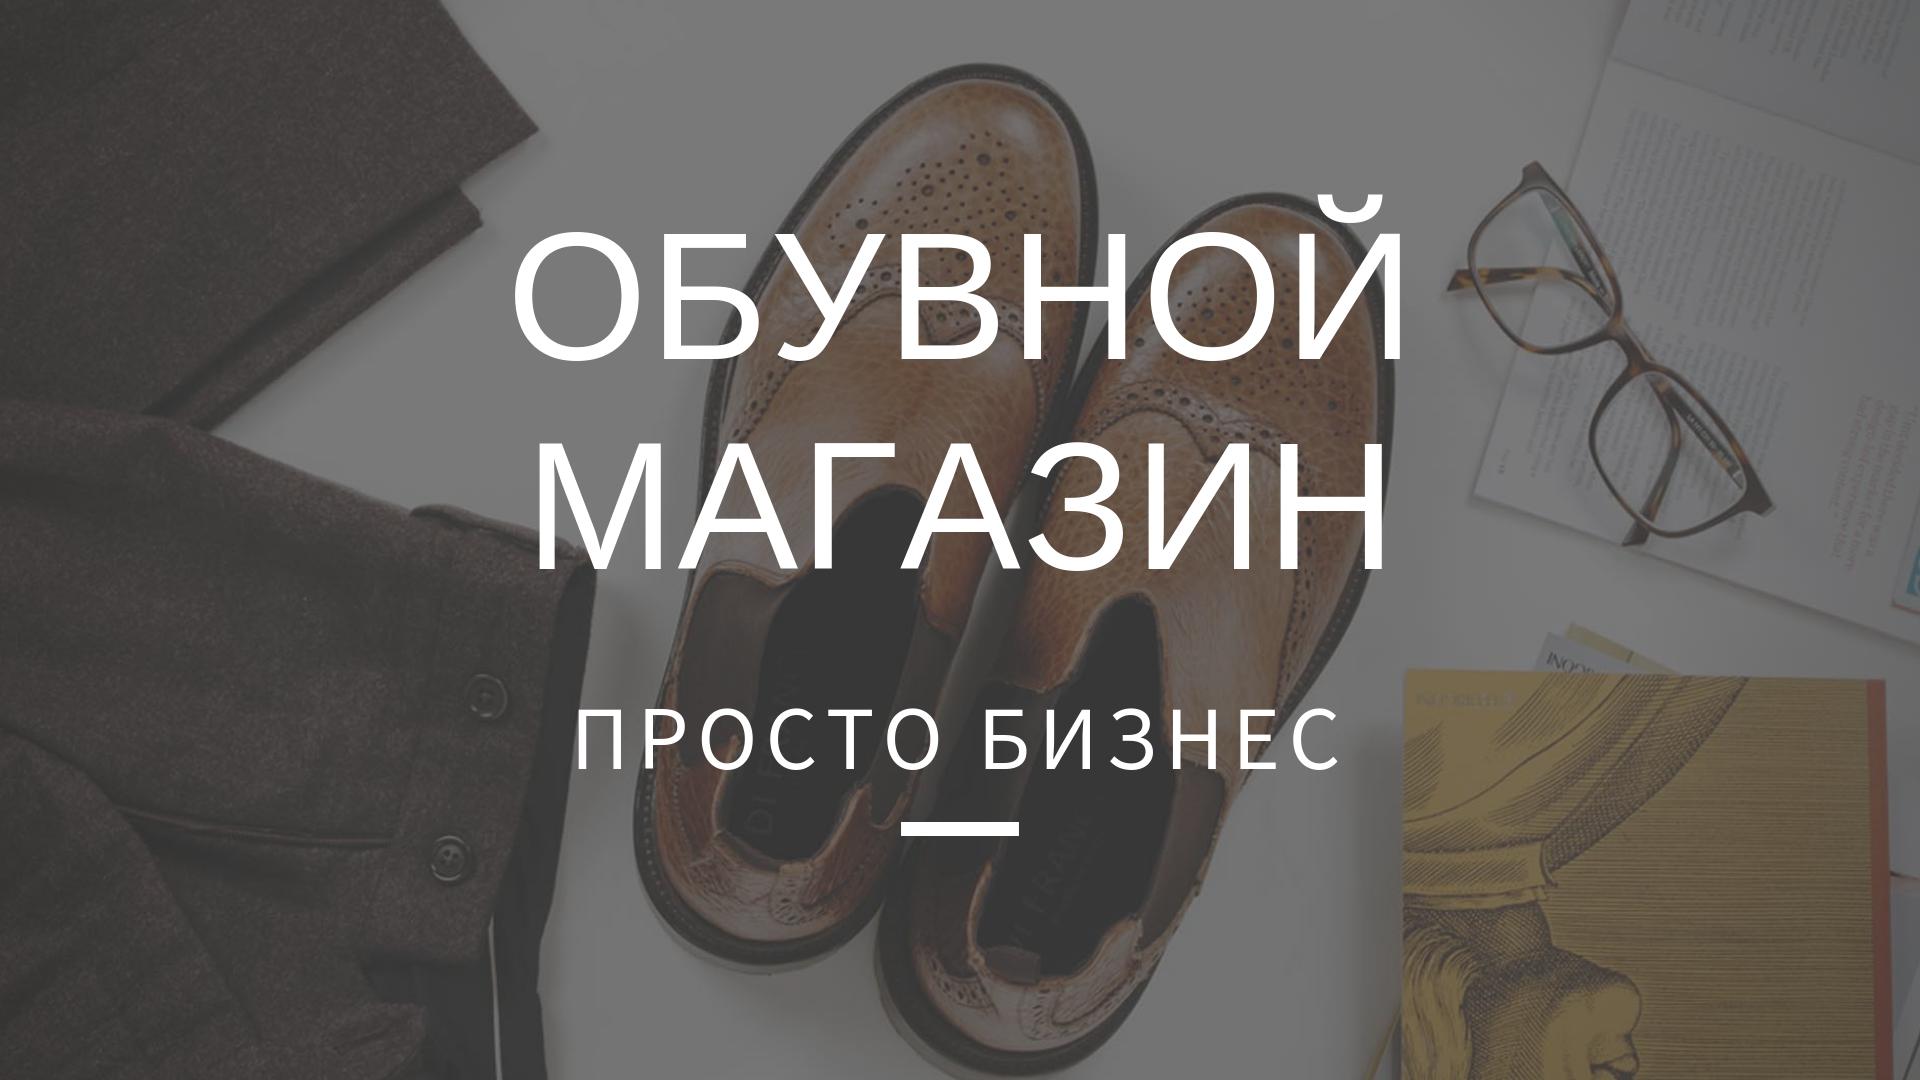 d68032af7296 Обувь всегда пользуется стабильным спросом, и ее продажа может принести вам  очень неплохой доход. Но в открытии магазина обуви есть определенные  нюансы, ...